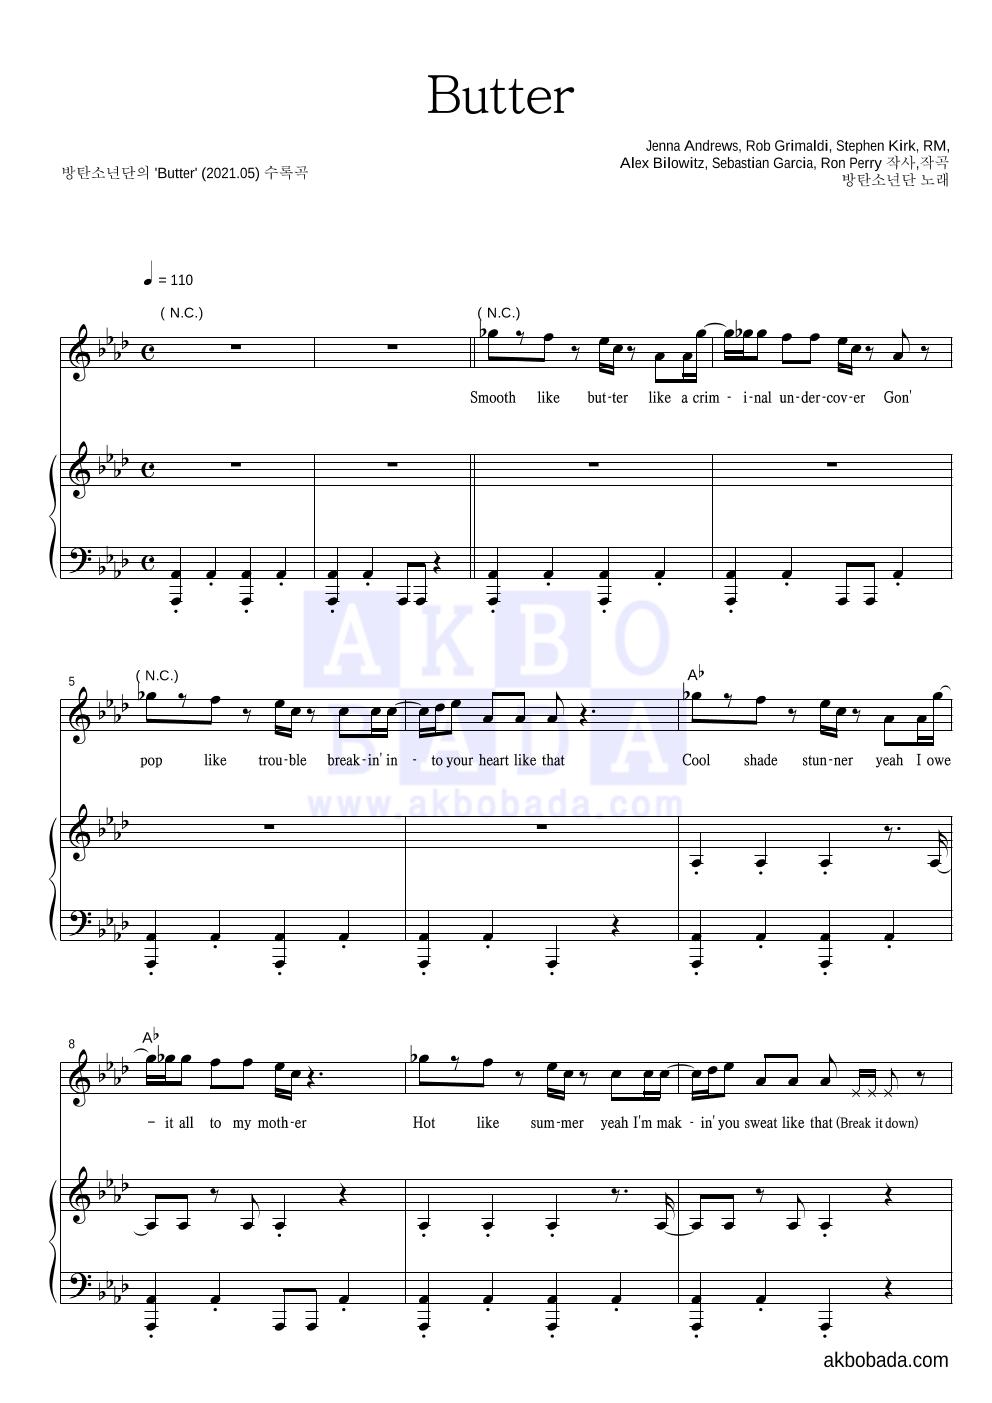 방탄소년단 - Butter 피아노 3단 악보